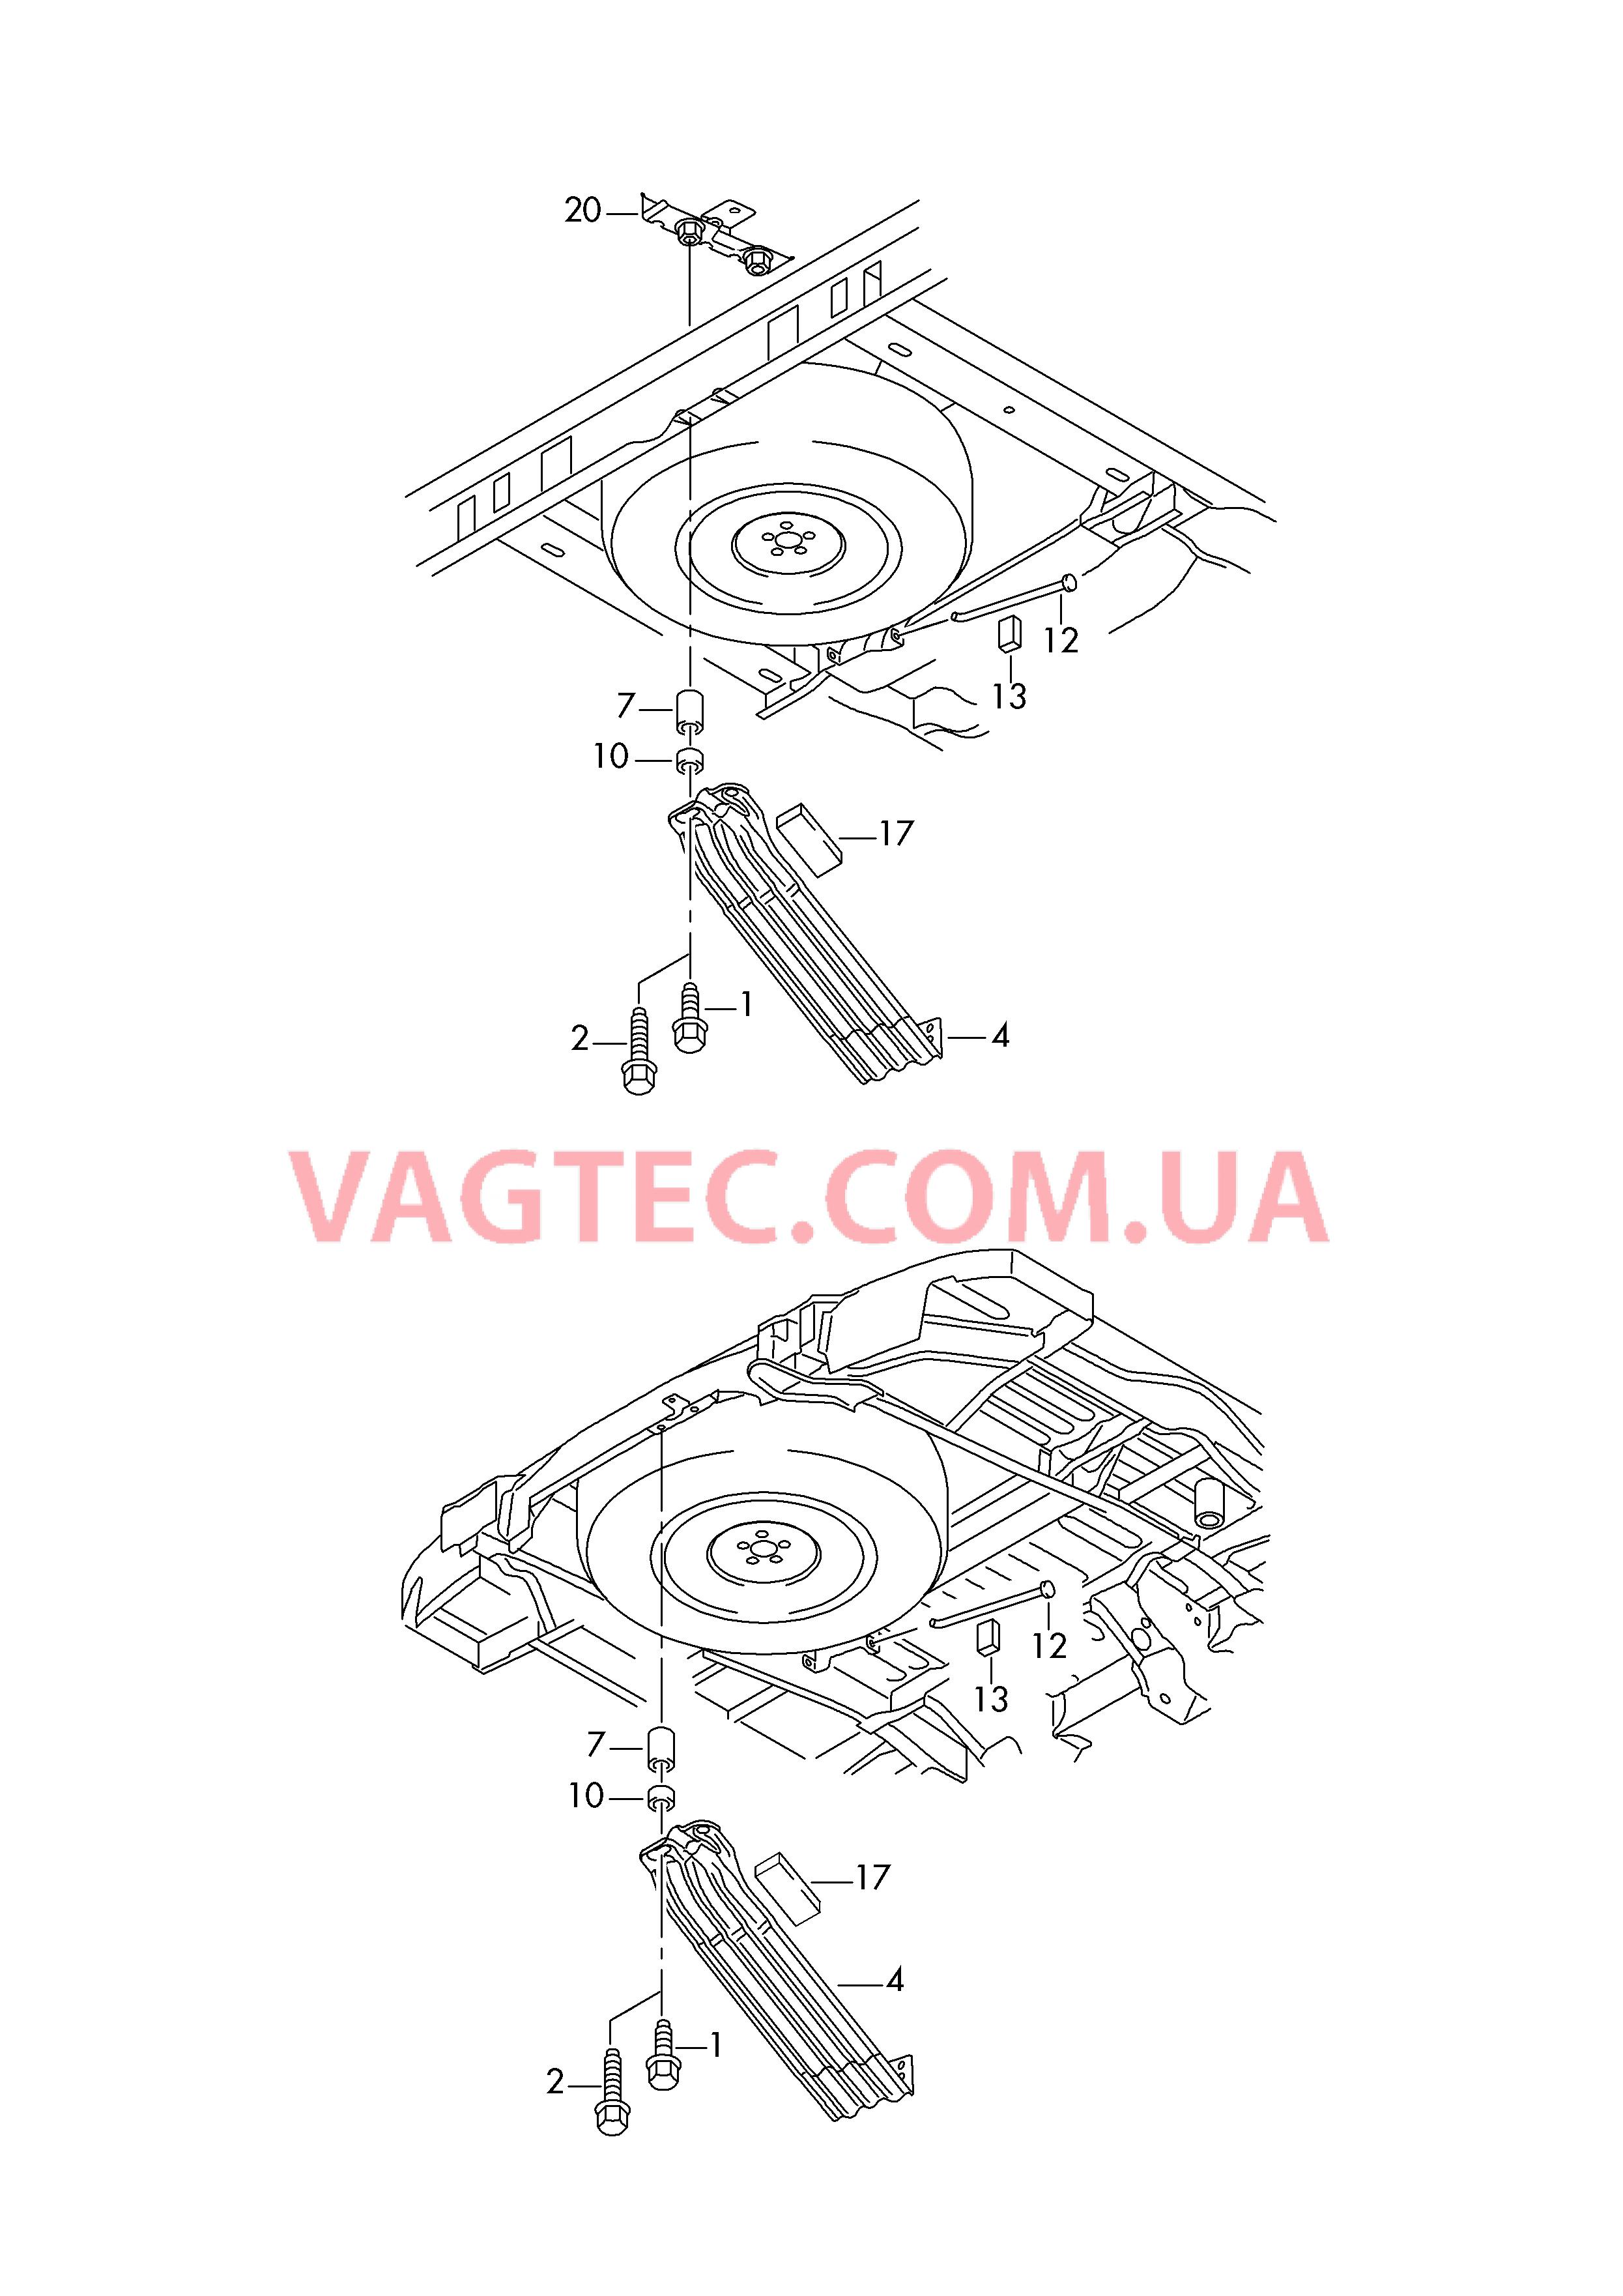 Крепление запасного колеса на фольксваген транспортер цепной транспортер к4 утф